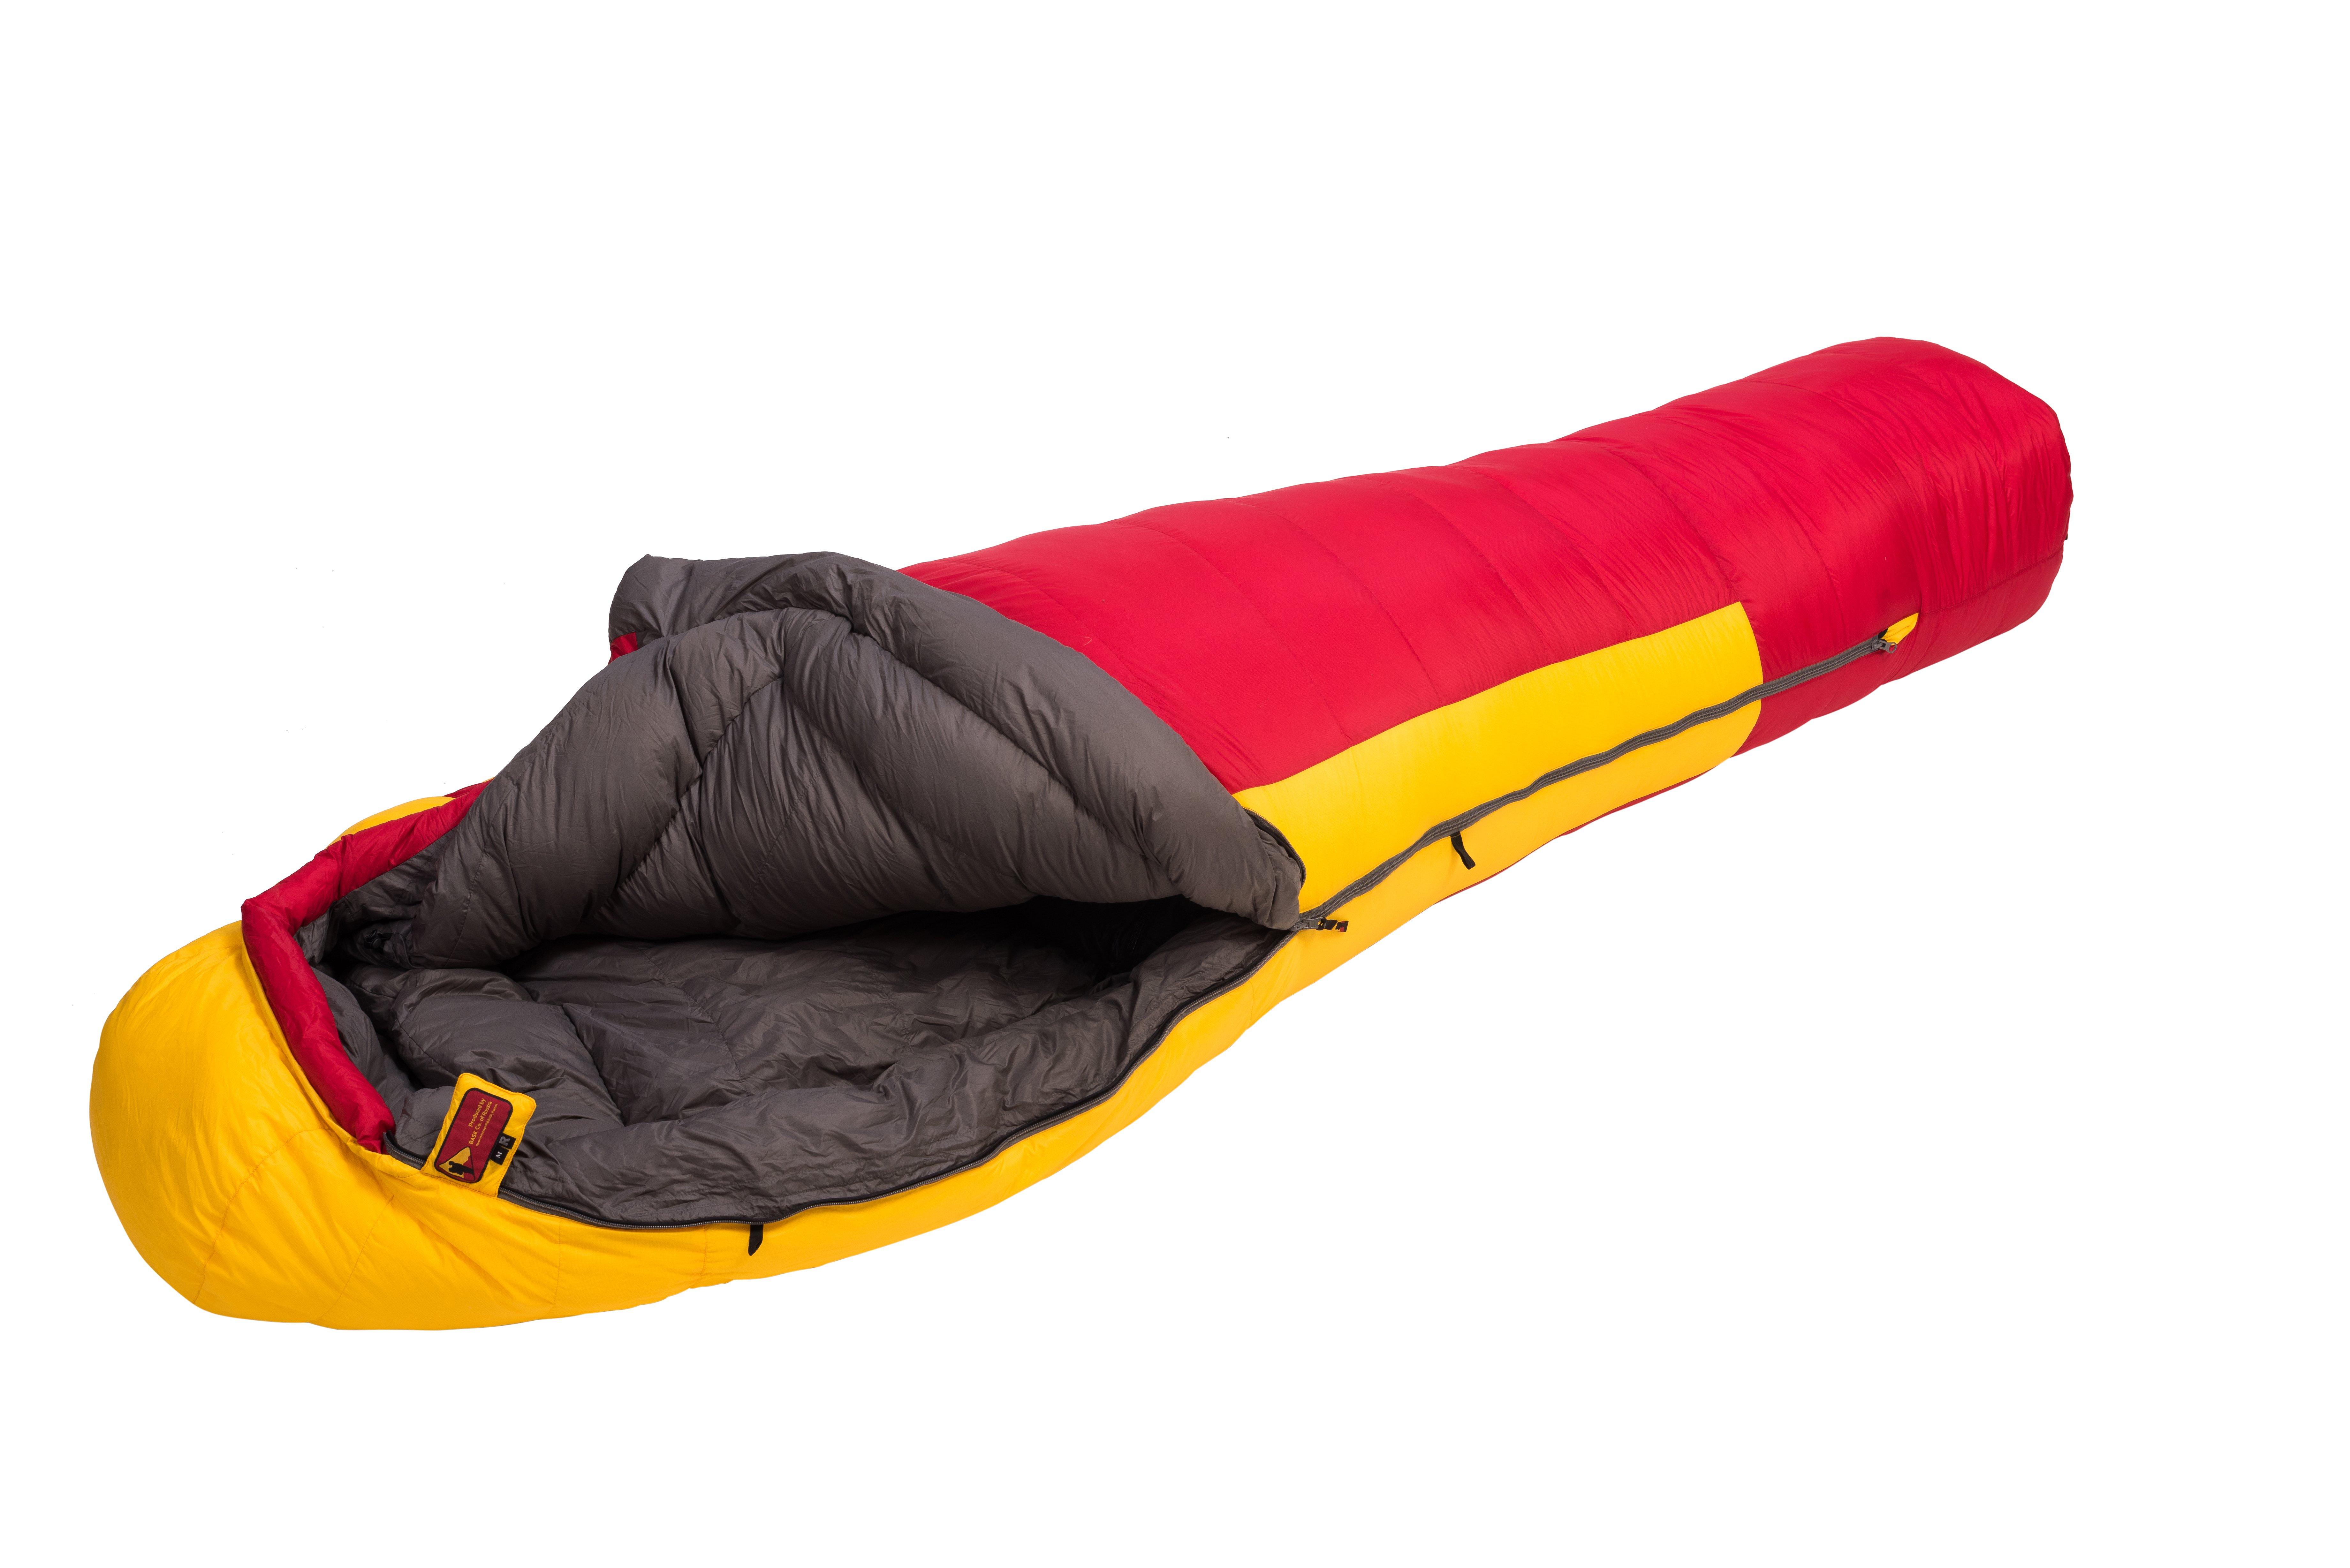 Спальный мешок BASK KARAKORAM-M 800+FP 3535Пуховый спальный мешок-кокон. Температура комфорта от -13 до -21&amp;deg;C. Теплый спальник для туризма и путешествий в экстремальных условиях.&amp;nbsp;<br><br>Верхняя ткань: Advance®Perfomance<br>Вес без упаковки: 1820<br>Вес упаковки: 160<br>Вес утеплителя: 1130<br>Внутренняя ткань: Advance® Classic<br>Возможность состегивания: Да<br>Назначение: экстремальный<br>Наличие карманов: Да<br>Наполнитель: пух<br>Нижняя температура комфорта °C: -21<br>Подголовник/Капюшон: Да<br>Показатель Fill Power (для пуховых изделий): 750<br>Пол: Унисекс<br>Размер в упакованном виде (диаметр х длина): 22х55<br>Размеры наружные (внутренние): 215х190х82х55<br>Система расположения слоев утеплителя или пуховых пакетов: смещенные швы+продольное<br>Температура комфорта °C: -13<br>Тесьма вдоль планки: Да<br>Тип молнии: двухзамковая-разъёмная<br>Тип утеплителя: натуральный<br>Утеплитель: белый гусиный пух<br>Утепляющая планка: Да<br>Форма: кокон<br>Шейный пакет: Да<br>Экстремальная температура °C: -44